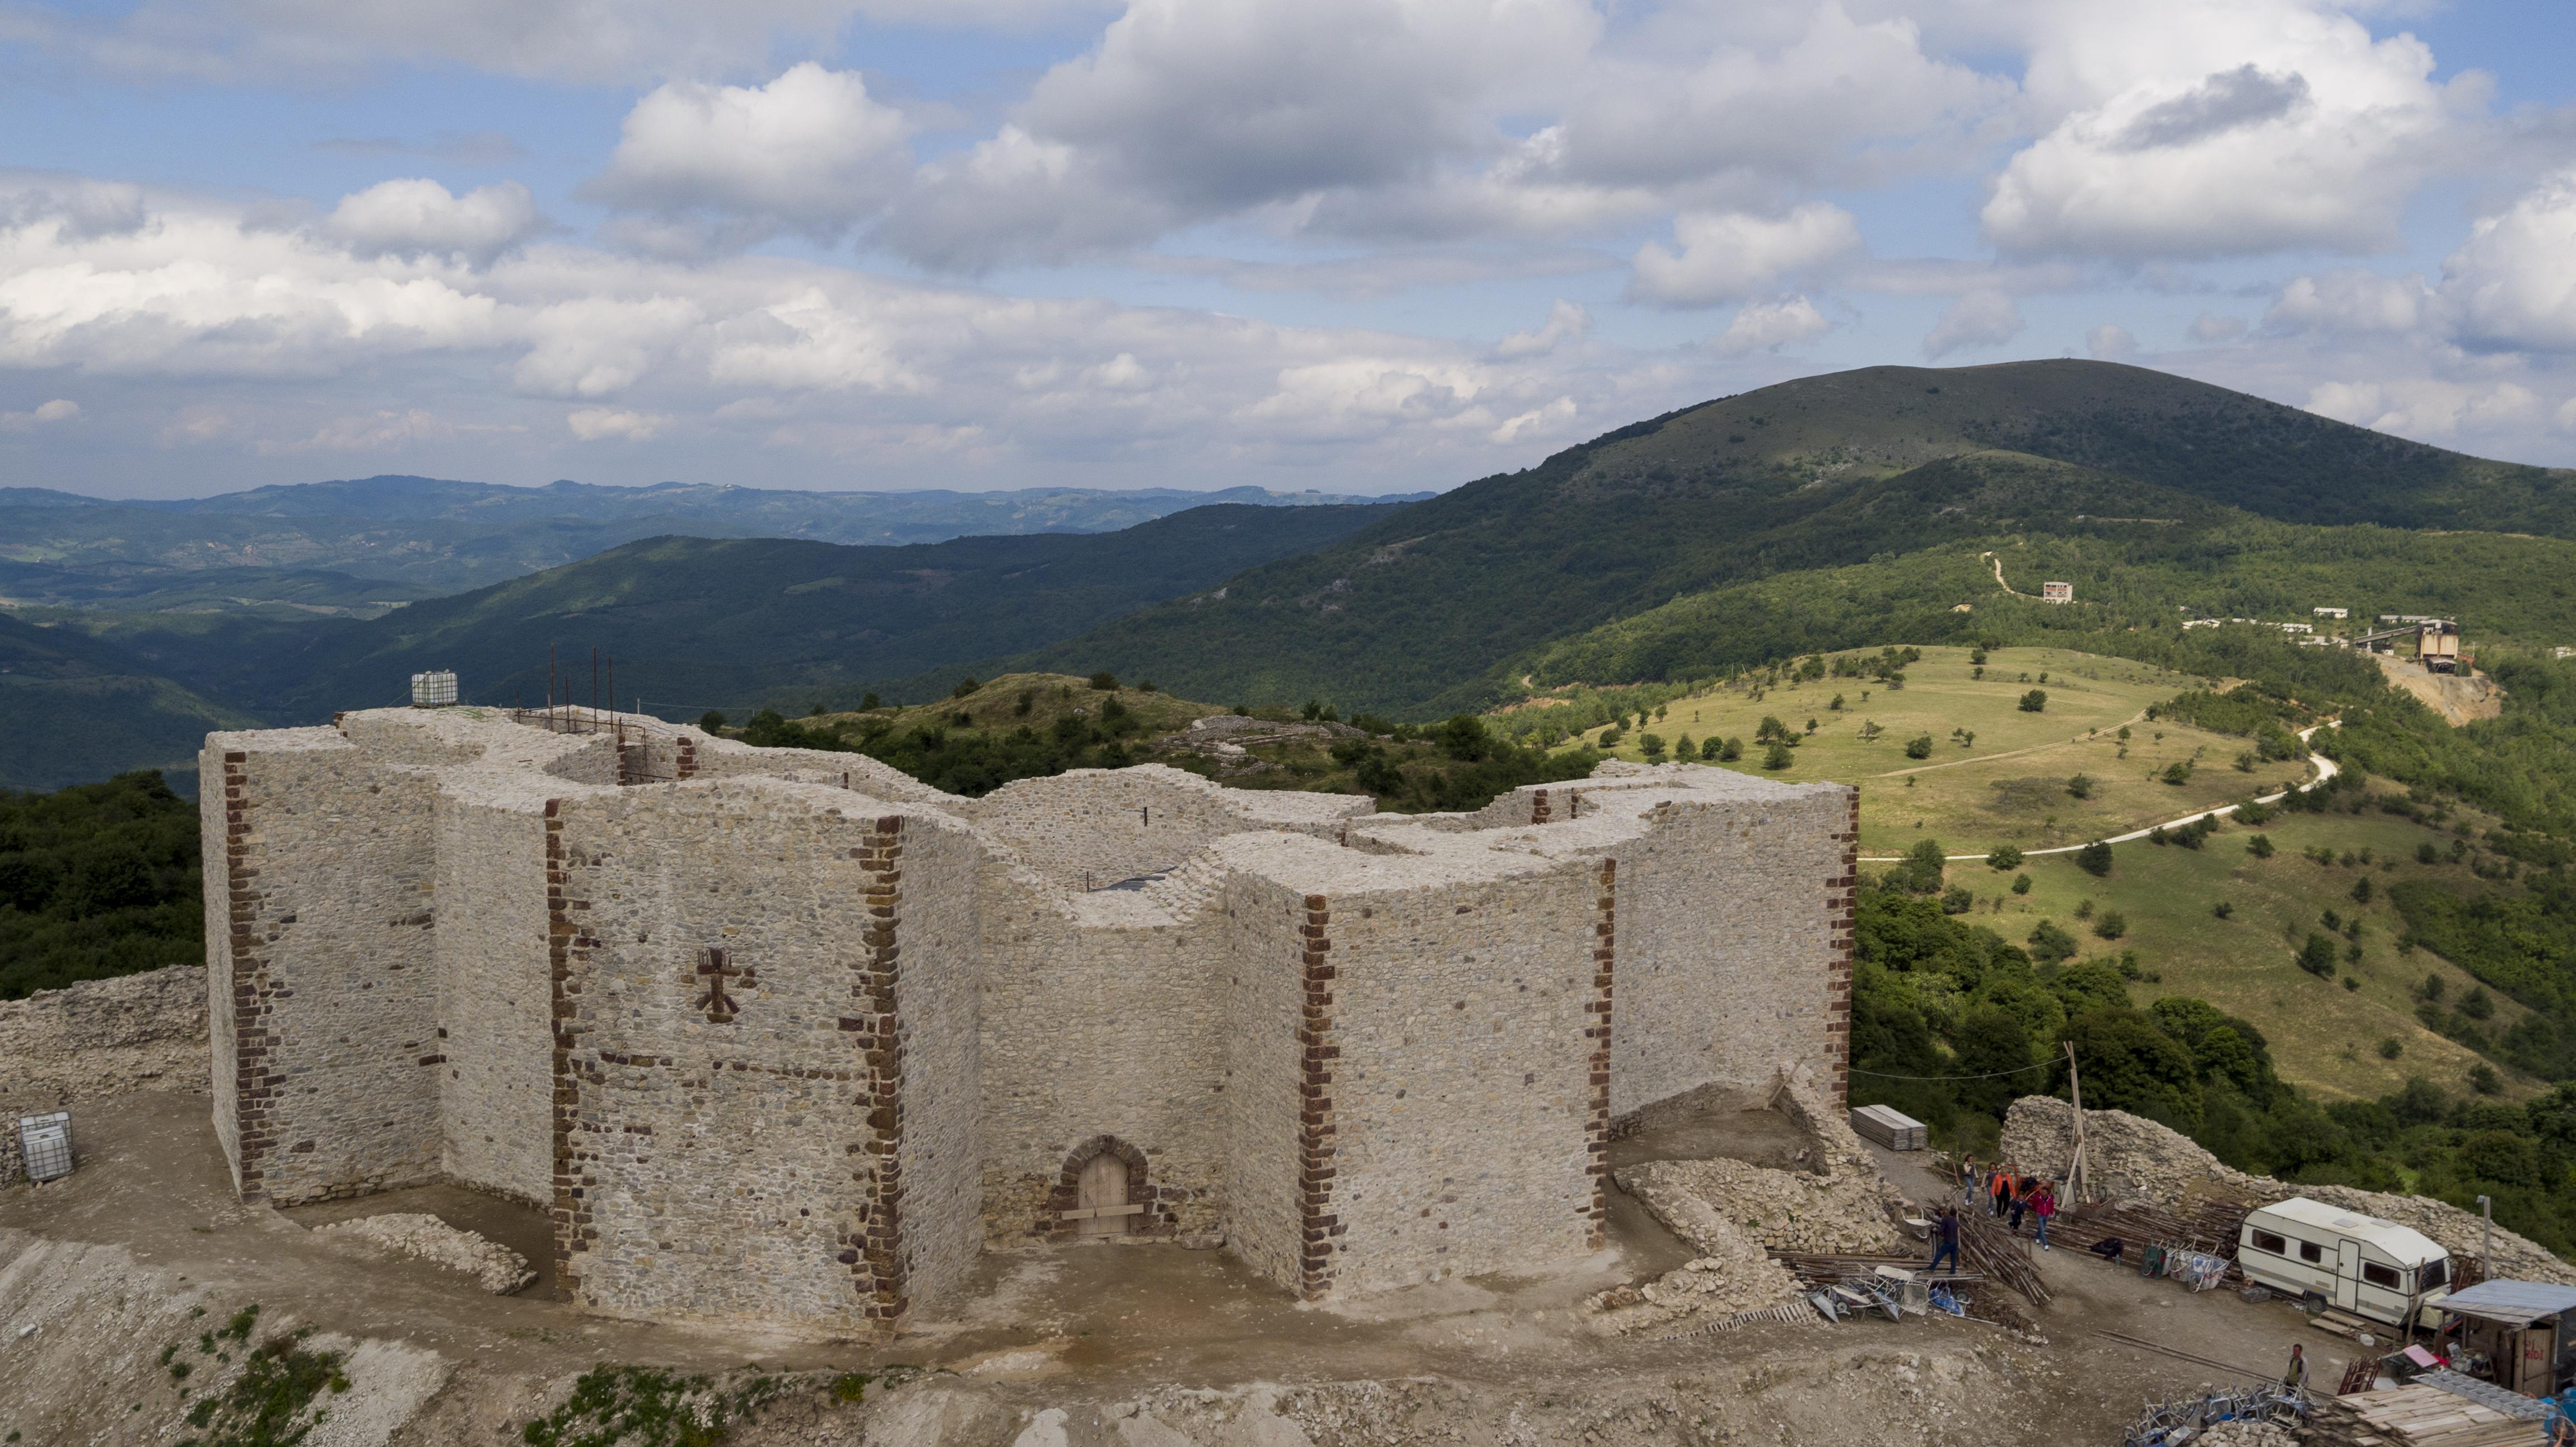 Novo Brdo Fortress - Wikipedia